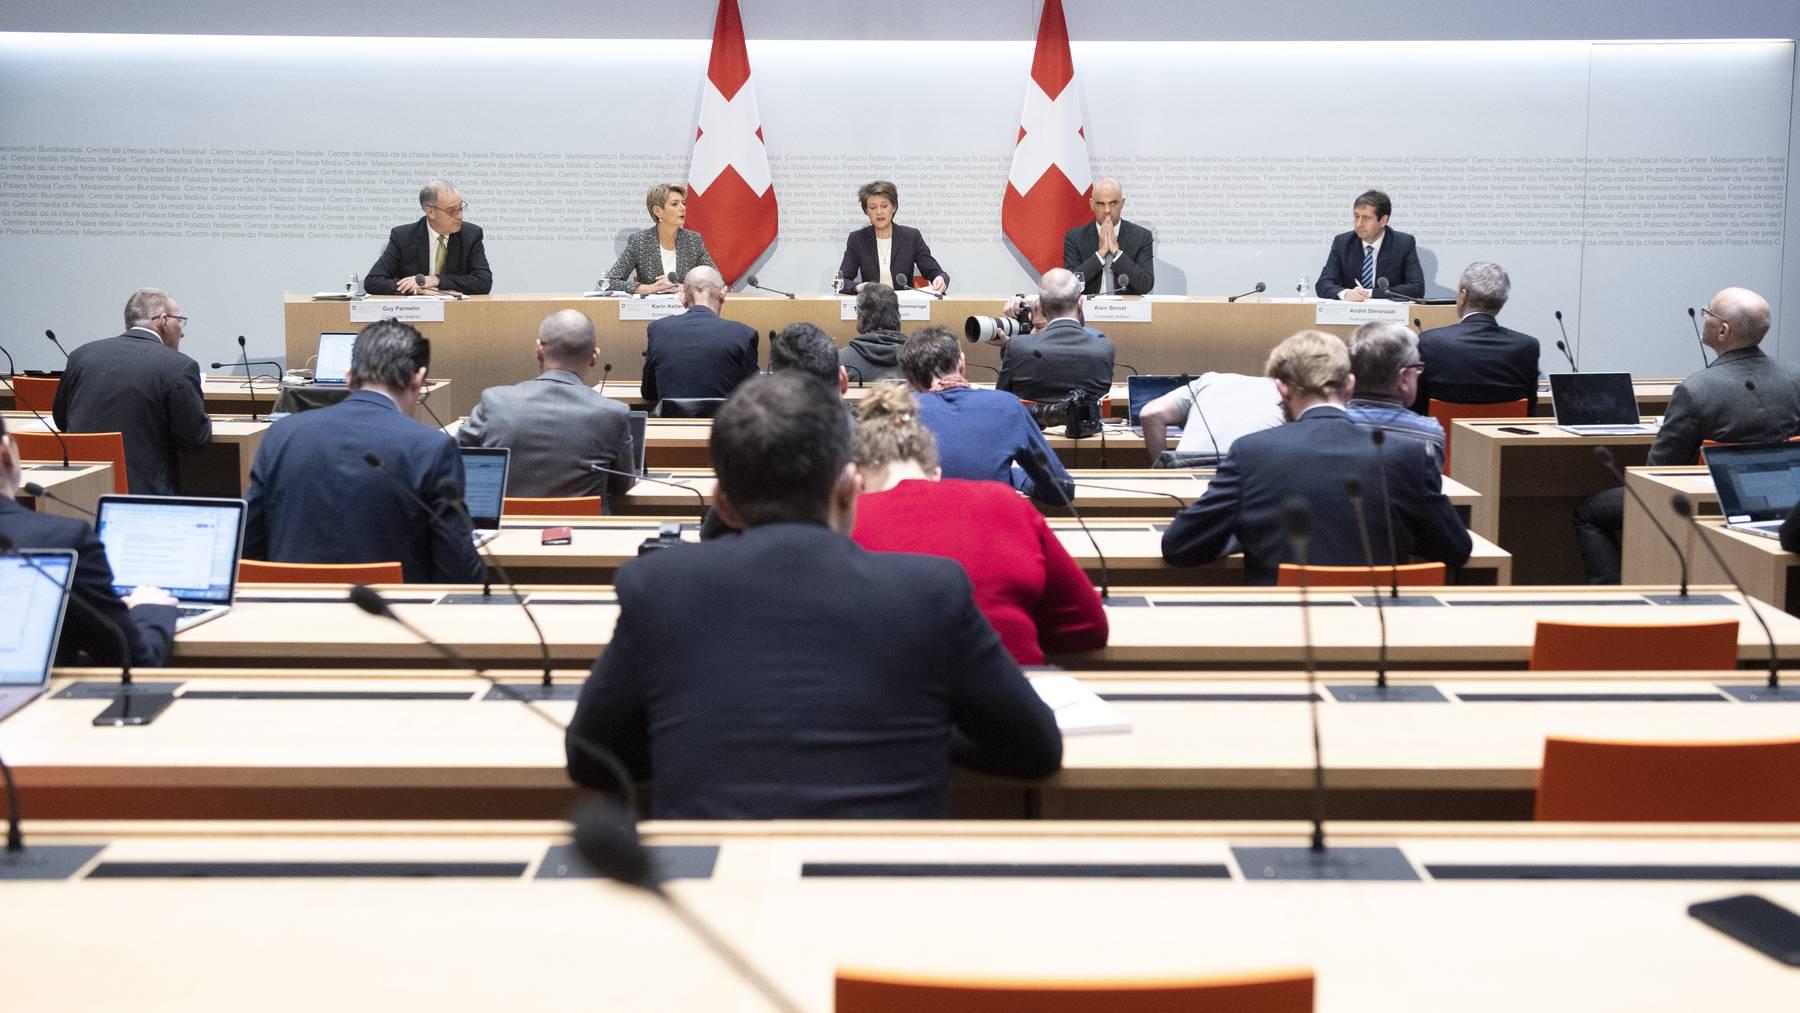 Medienkonferenz vom 13. März 2020